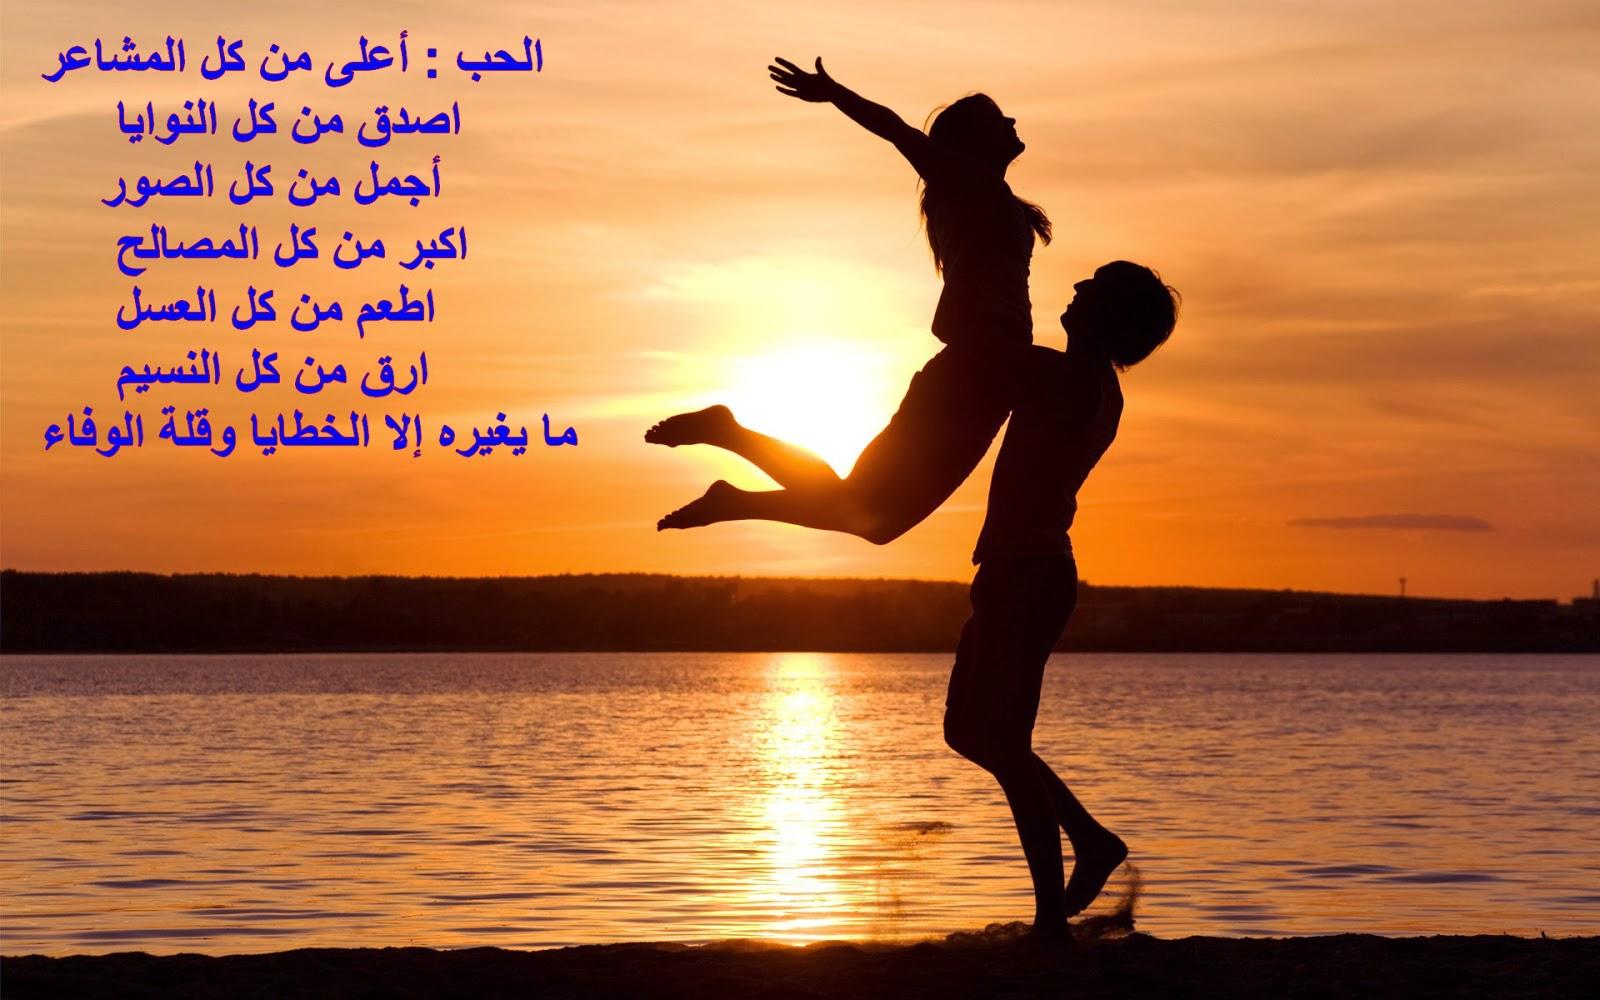 بالصور اجمل عبارات الحب والرومانسية , شوف هالعبارات تجعل حبيبك يذوب من عشقك 1830 6